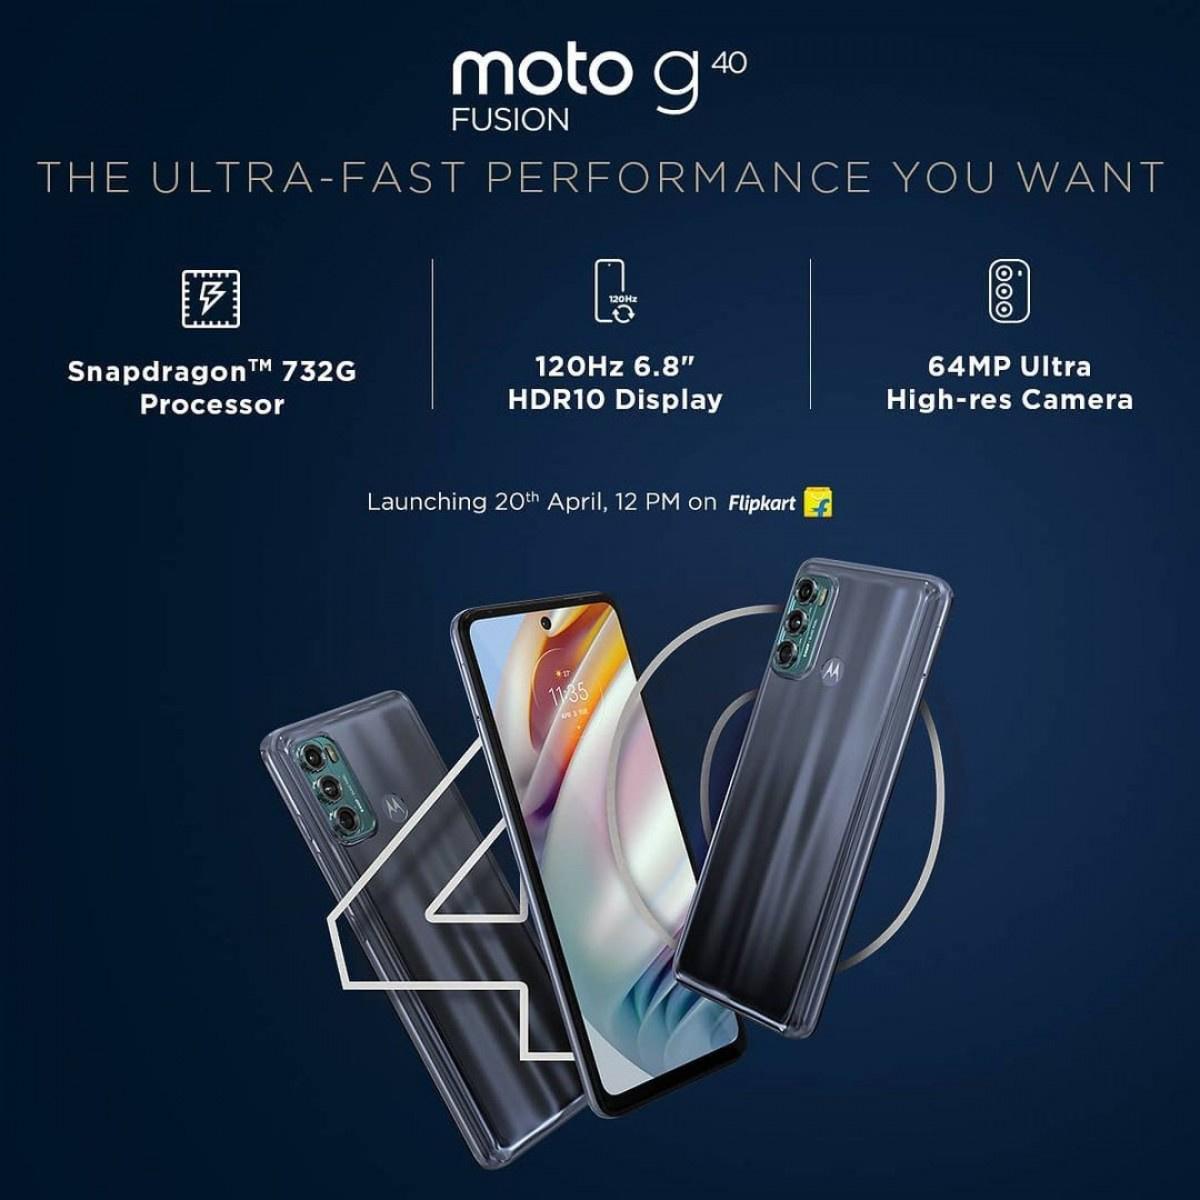 摩托罗拉 G60/G40 参数曝光:骁龙 732G 处理器,120Hz 高刷屏